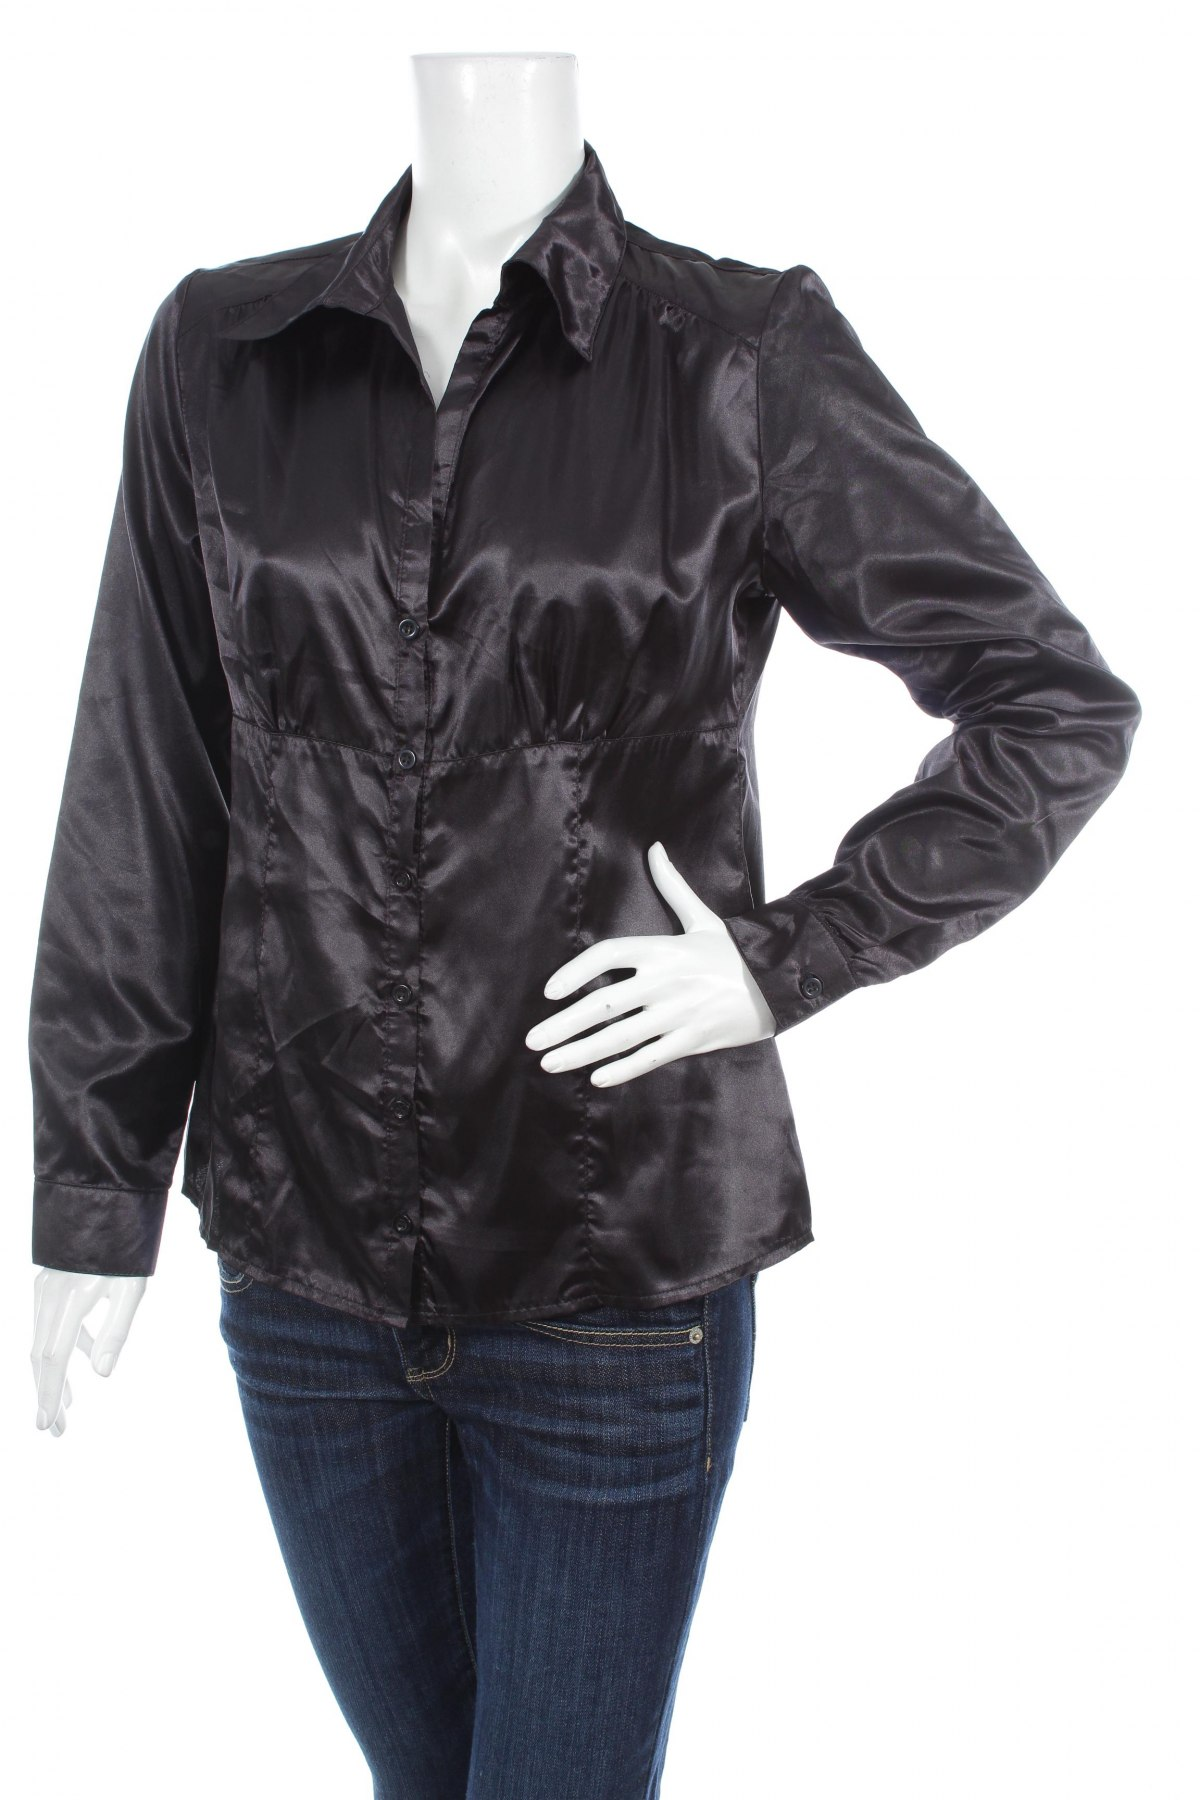 Γυναικείο πουκάμισο Re-Ject, Μέγεθος L, Χρώμα Μαύρο, Πολυεστέρας, Τιμή 18,56€